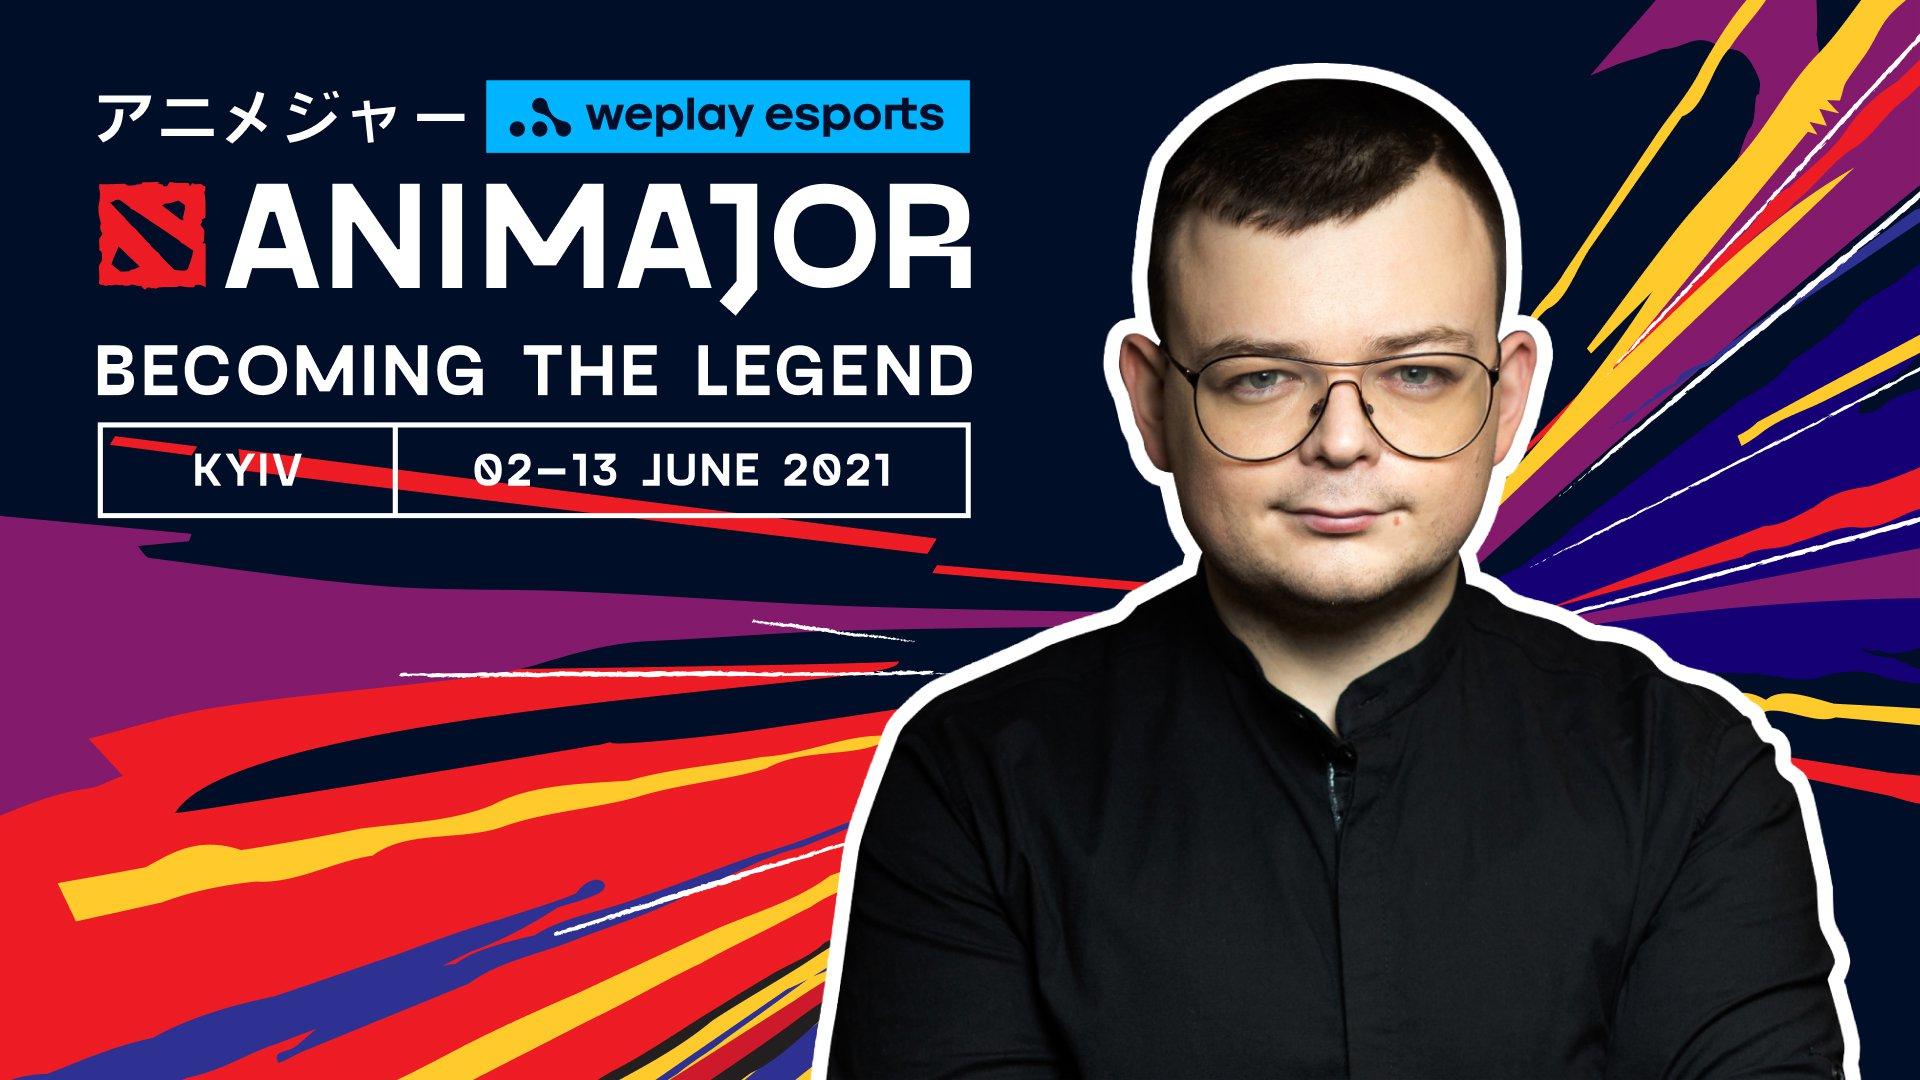 马克西姆·比洛诺戈夫(Maksym Bilonogov), WePlay Esports的总制片人兼首席前瞻性官。 照片: WePlay Esports